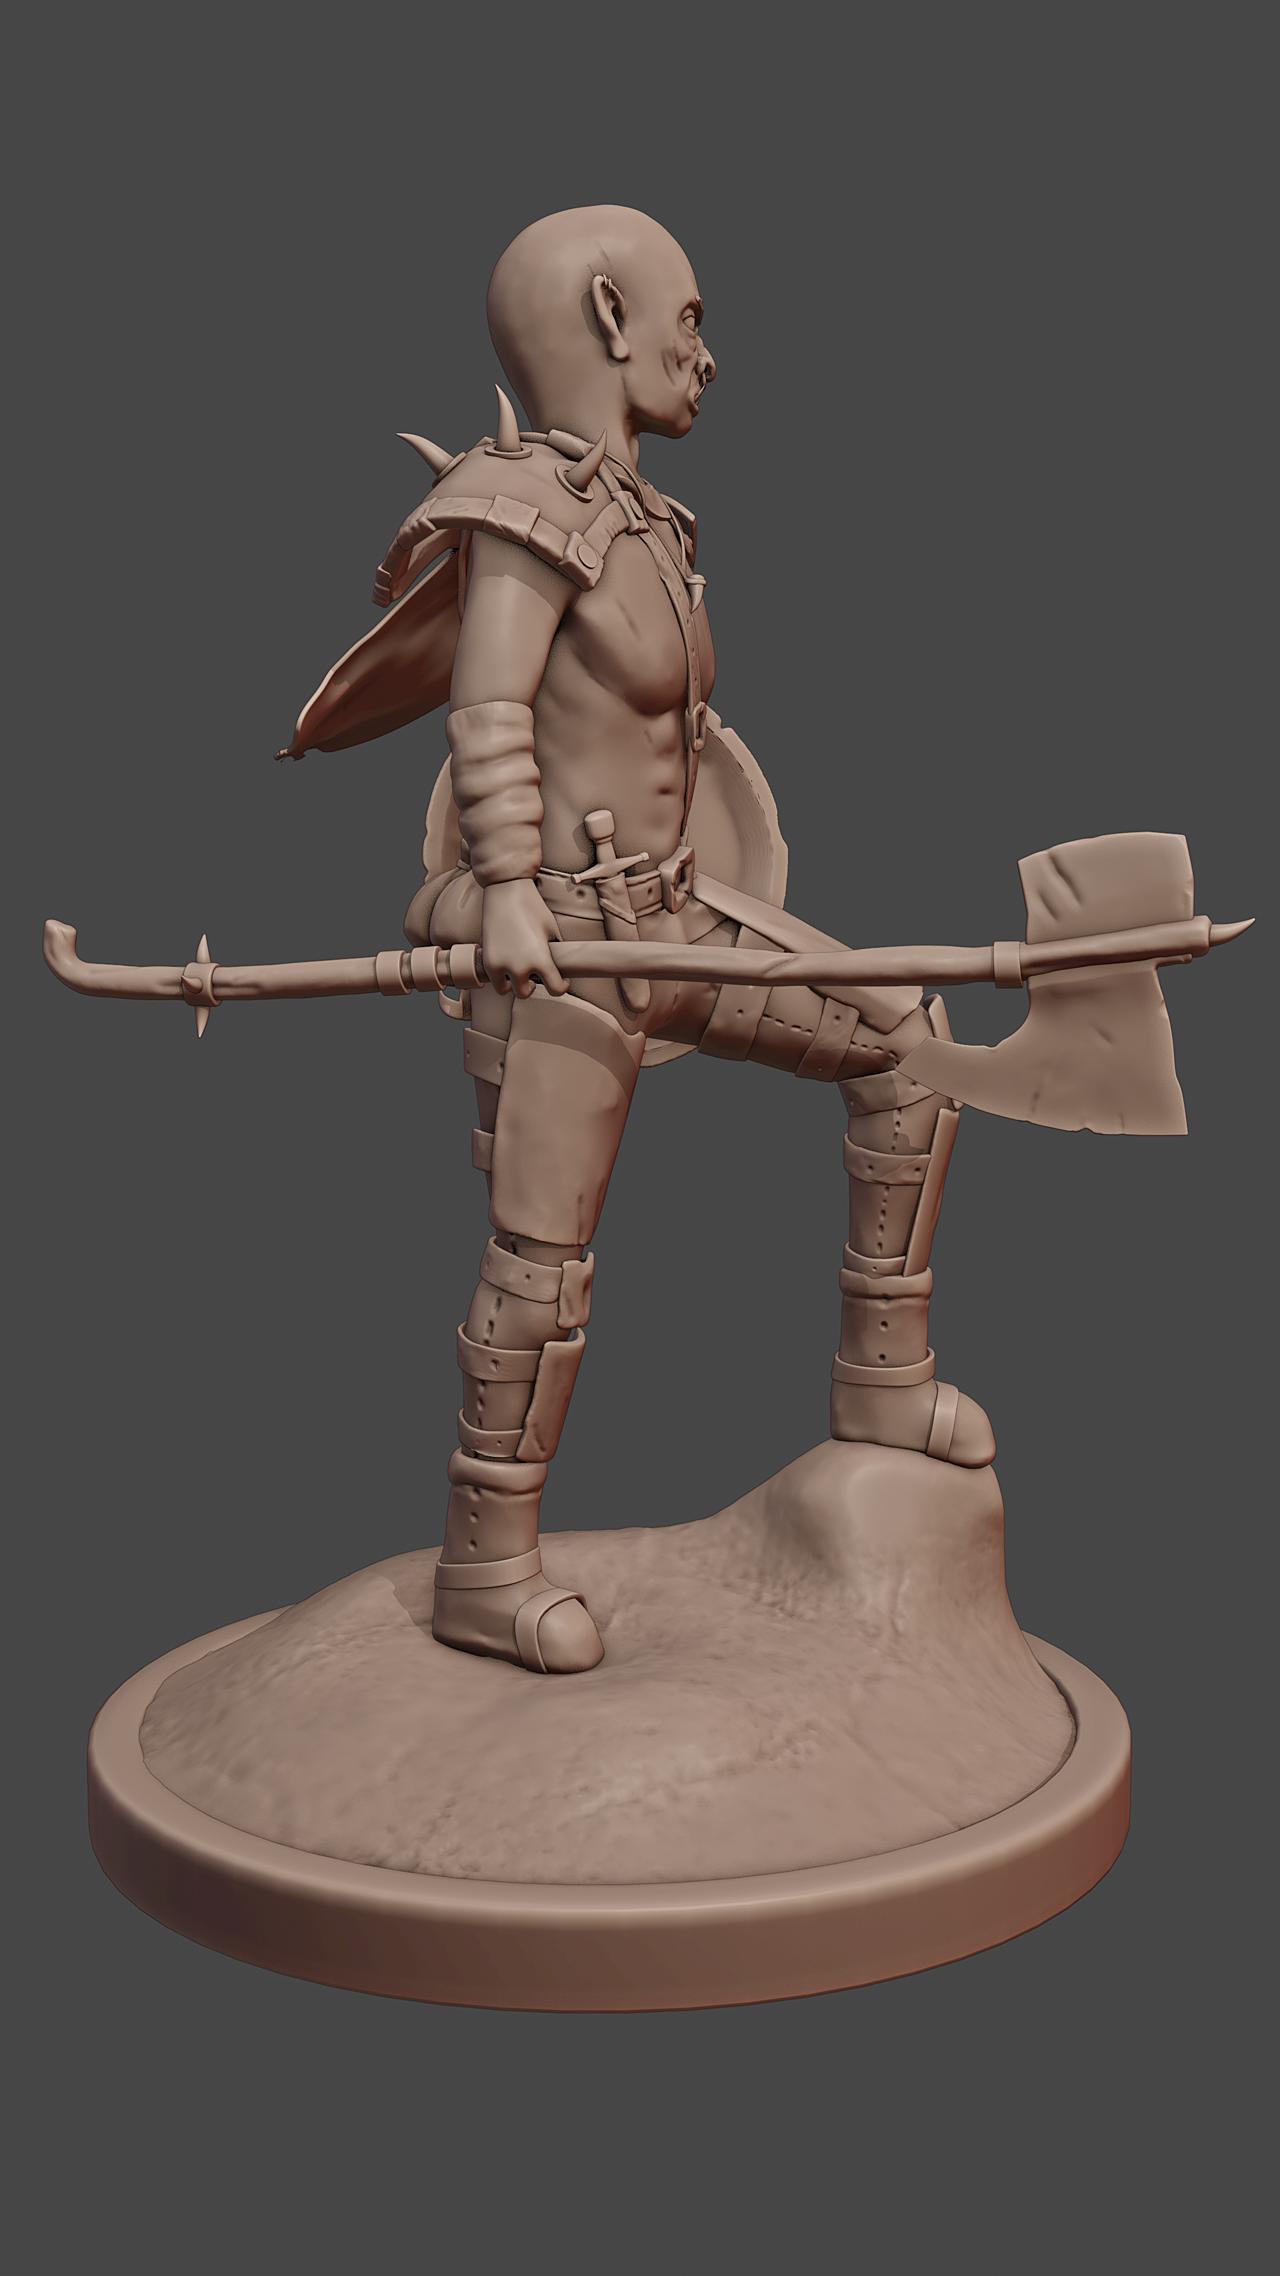 3d Orc Character Sculpt